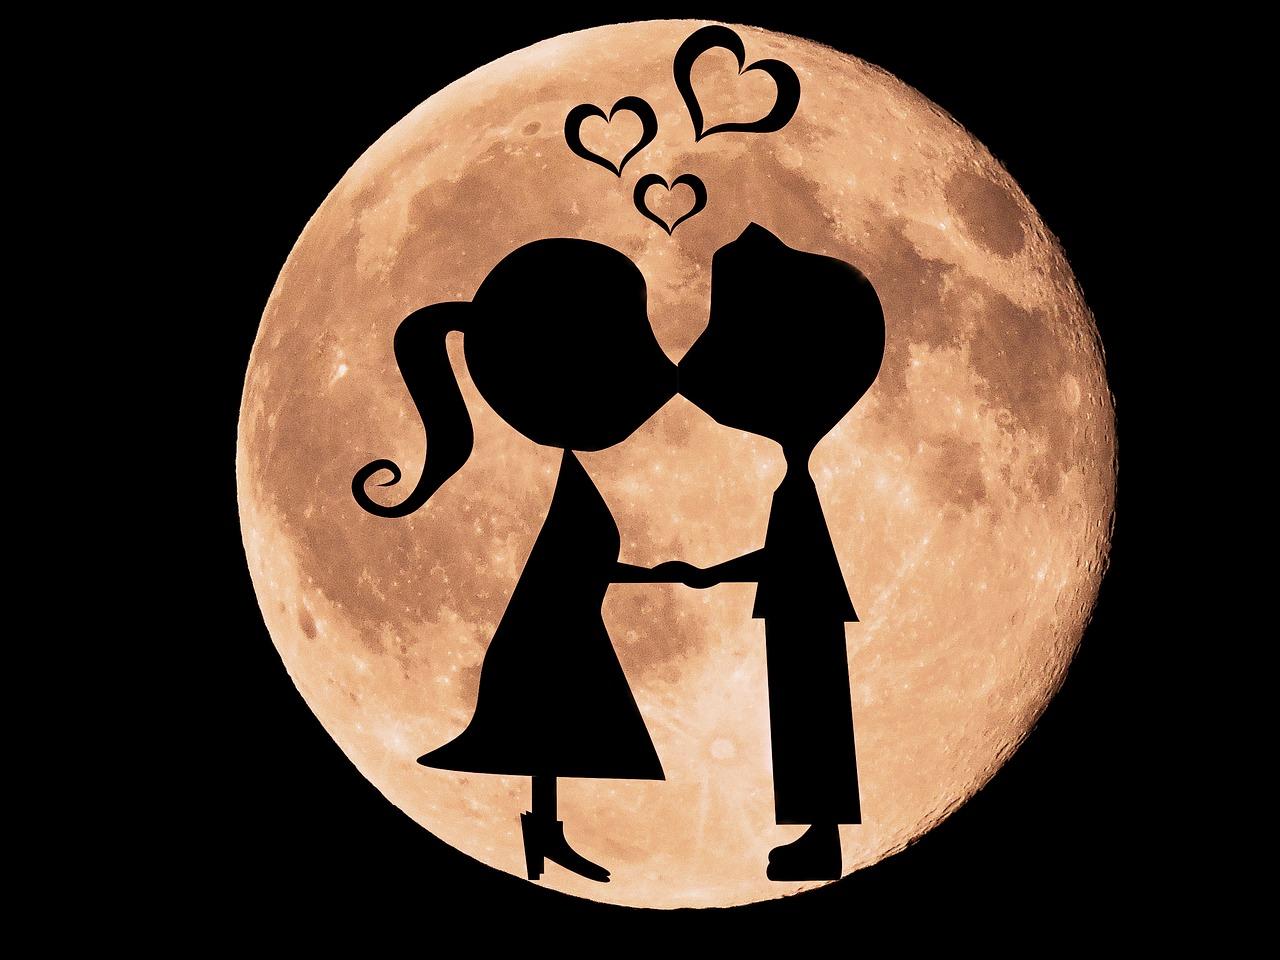 Красивые картинки про любовь с надписями спокойной ночи